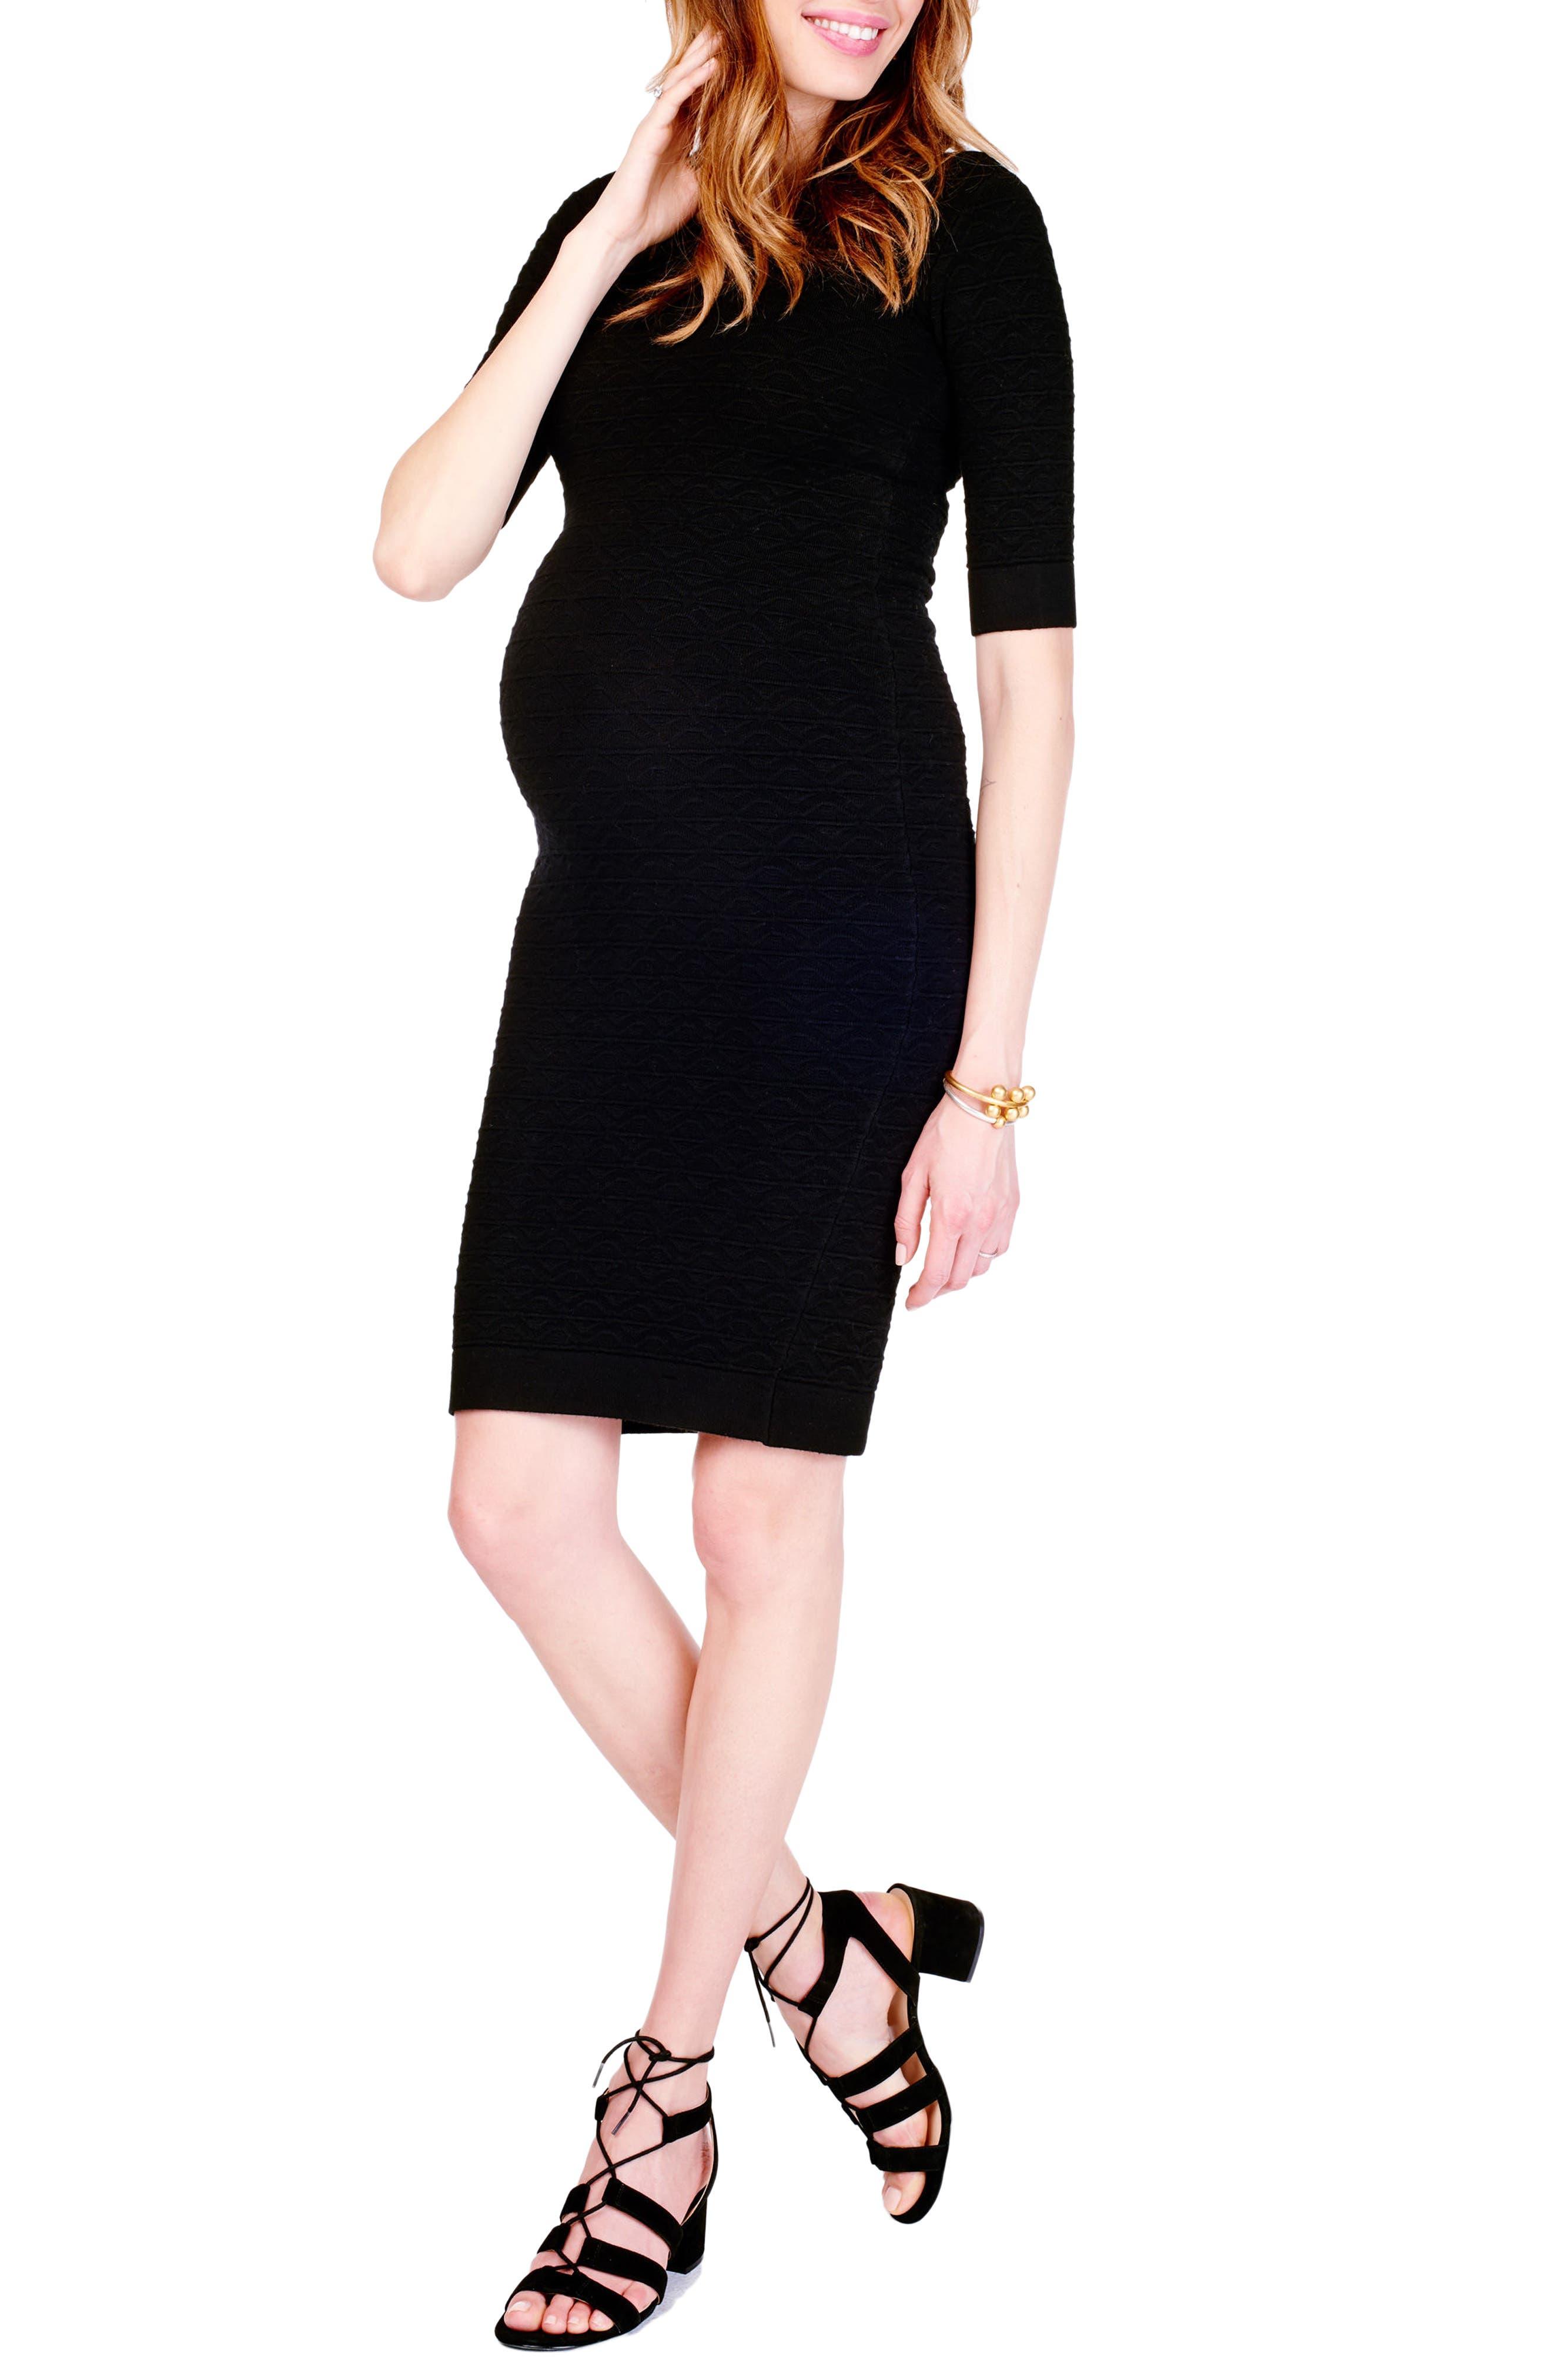 Sweater Knit Maternity Sheath Dress,                             Main thumbnail 1, color,                             Jet Black